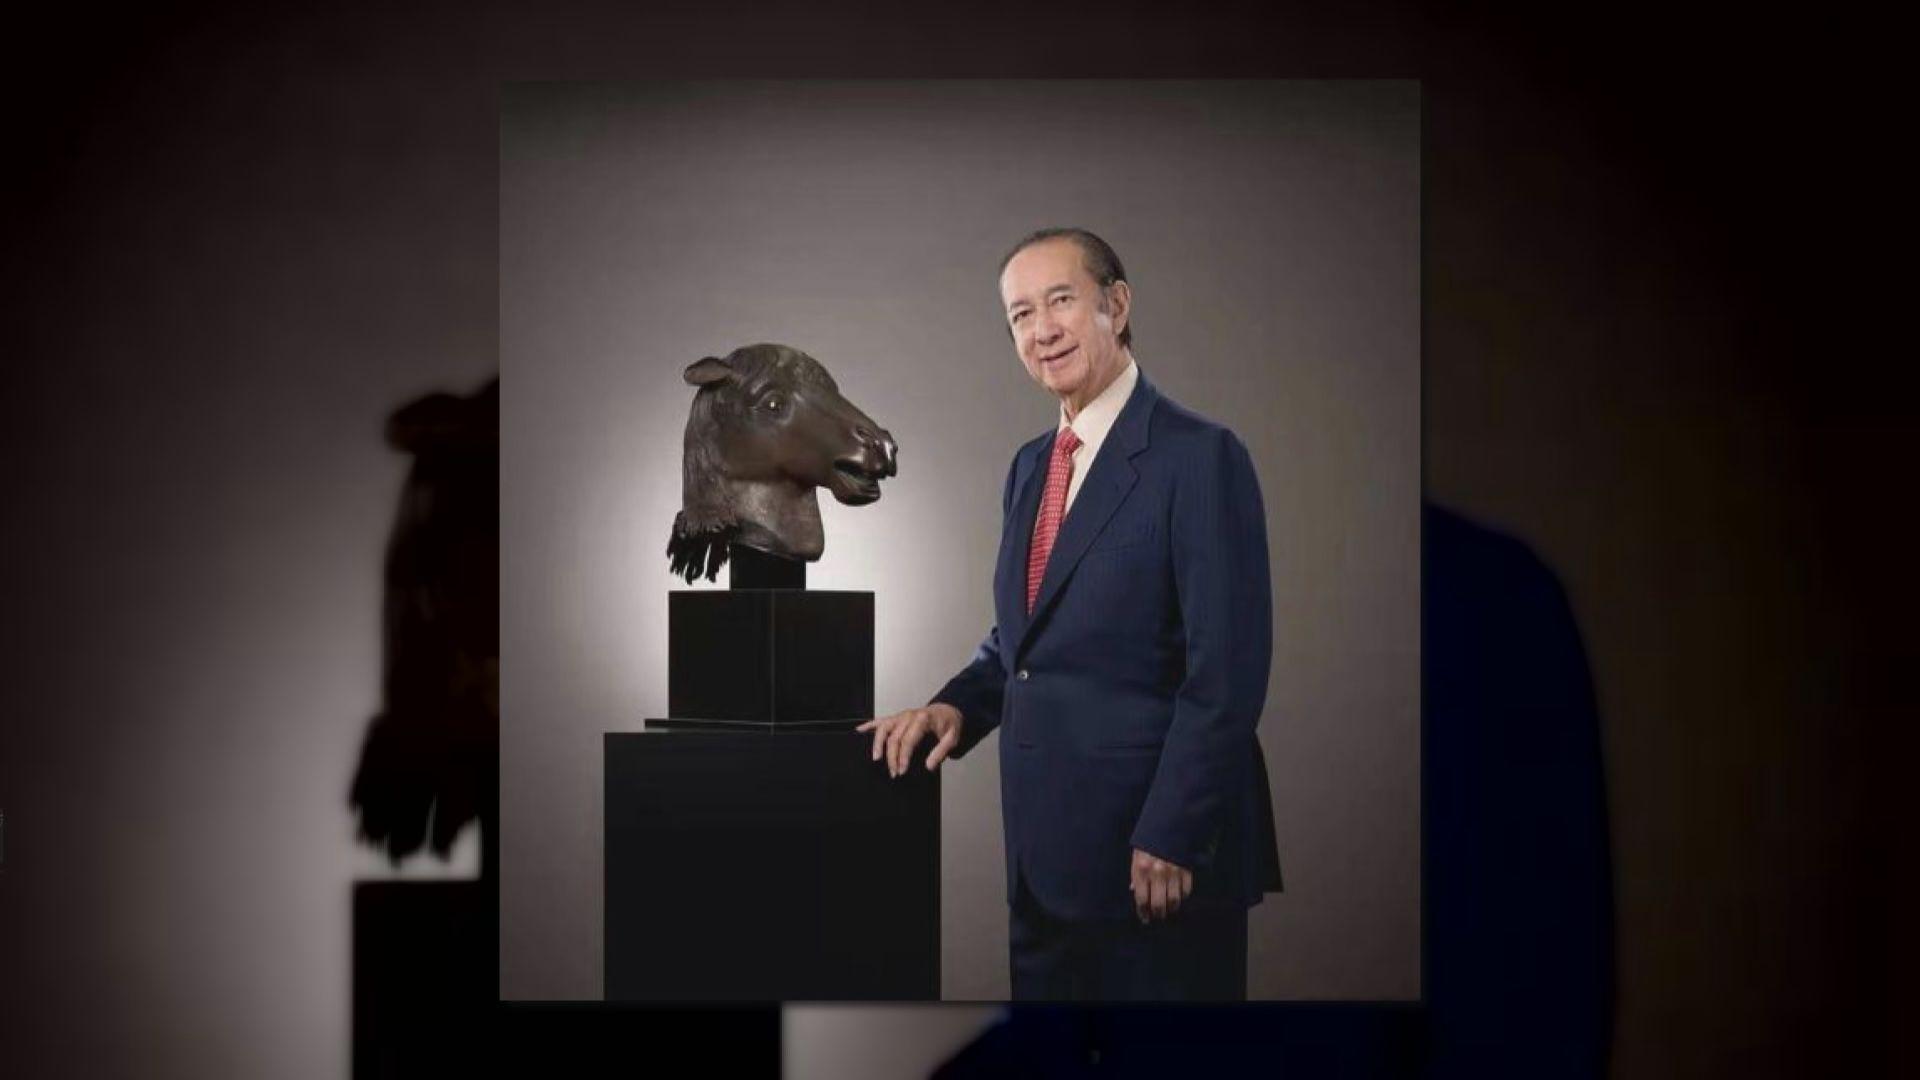 何鴻燊2007年買下馬首銅像 計劃今年內圓明園展出